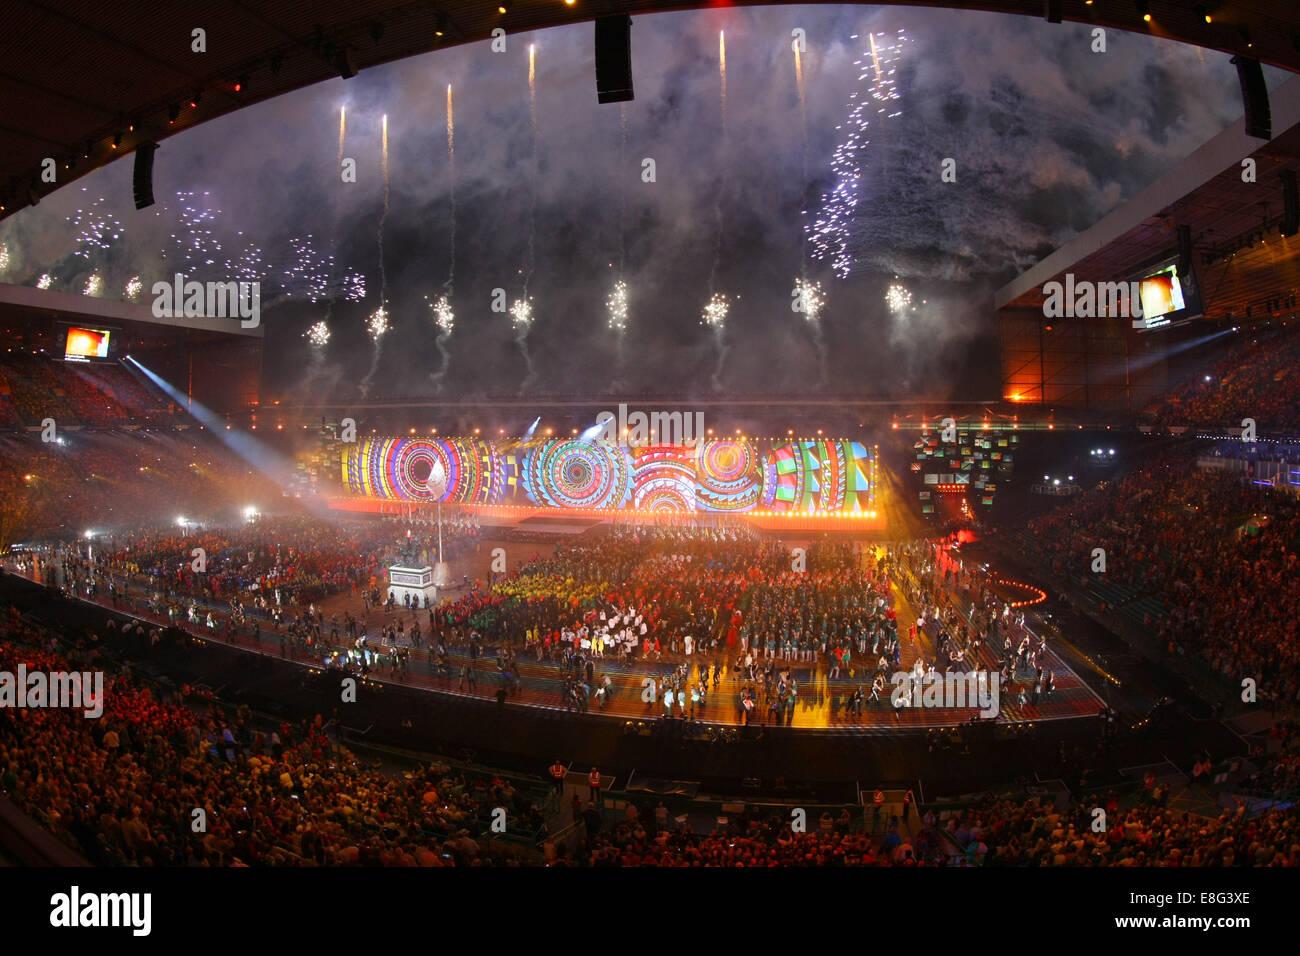 Gesamtansicht (Gv) des Stadions als Feuerwerk explodieren. Eröffnung der Zeremonie - Celtic Park - Glasgow Stockbild